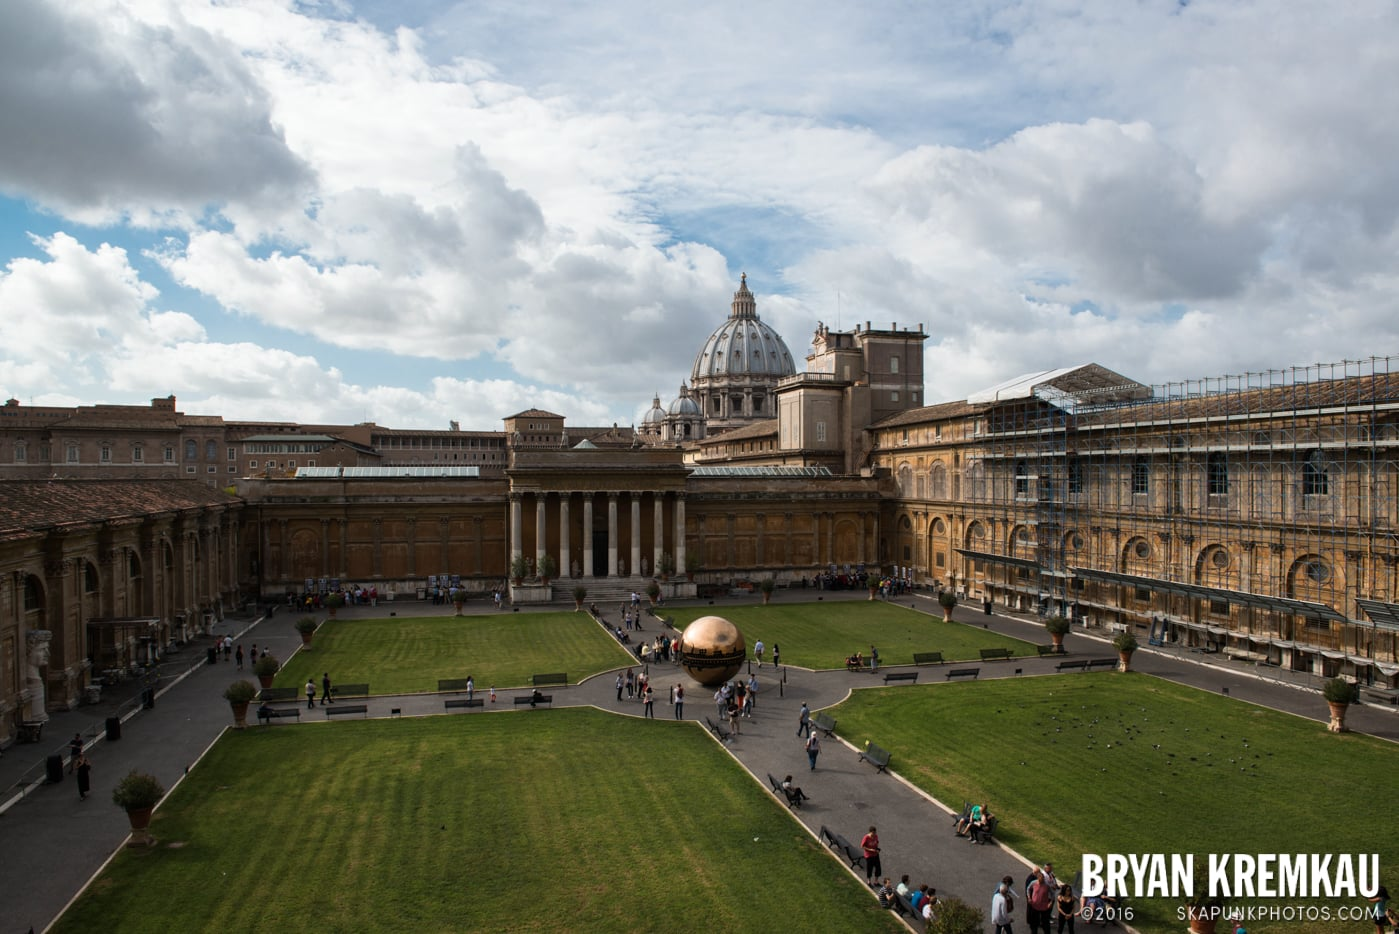 Italy Vacation - Day 3: Rome - 9.11.13 (46)